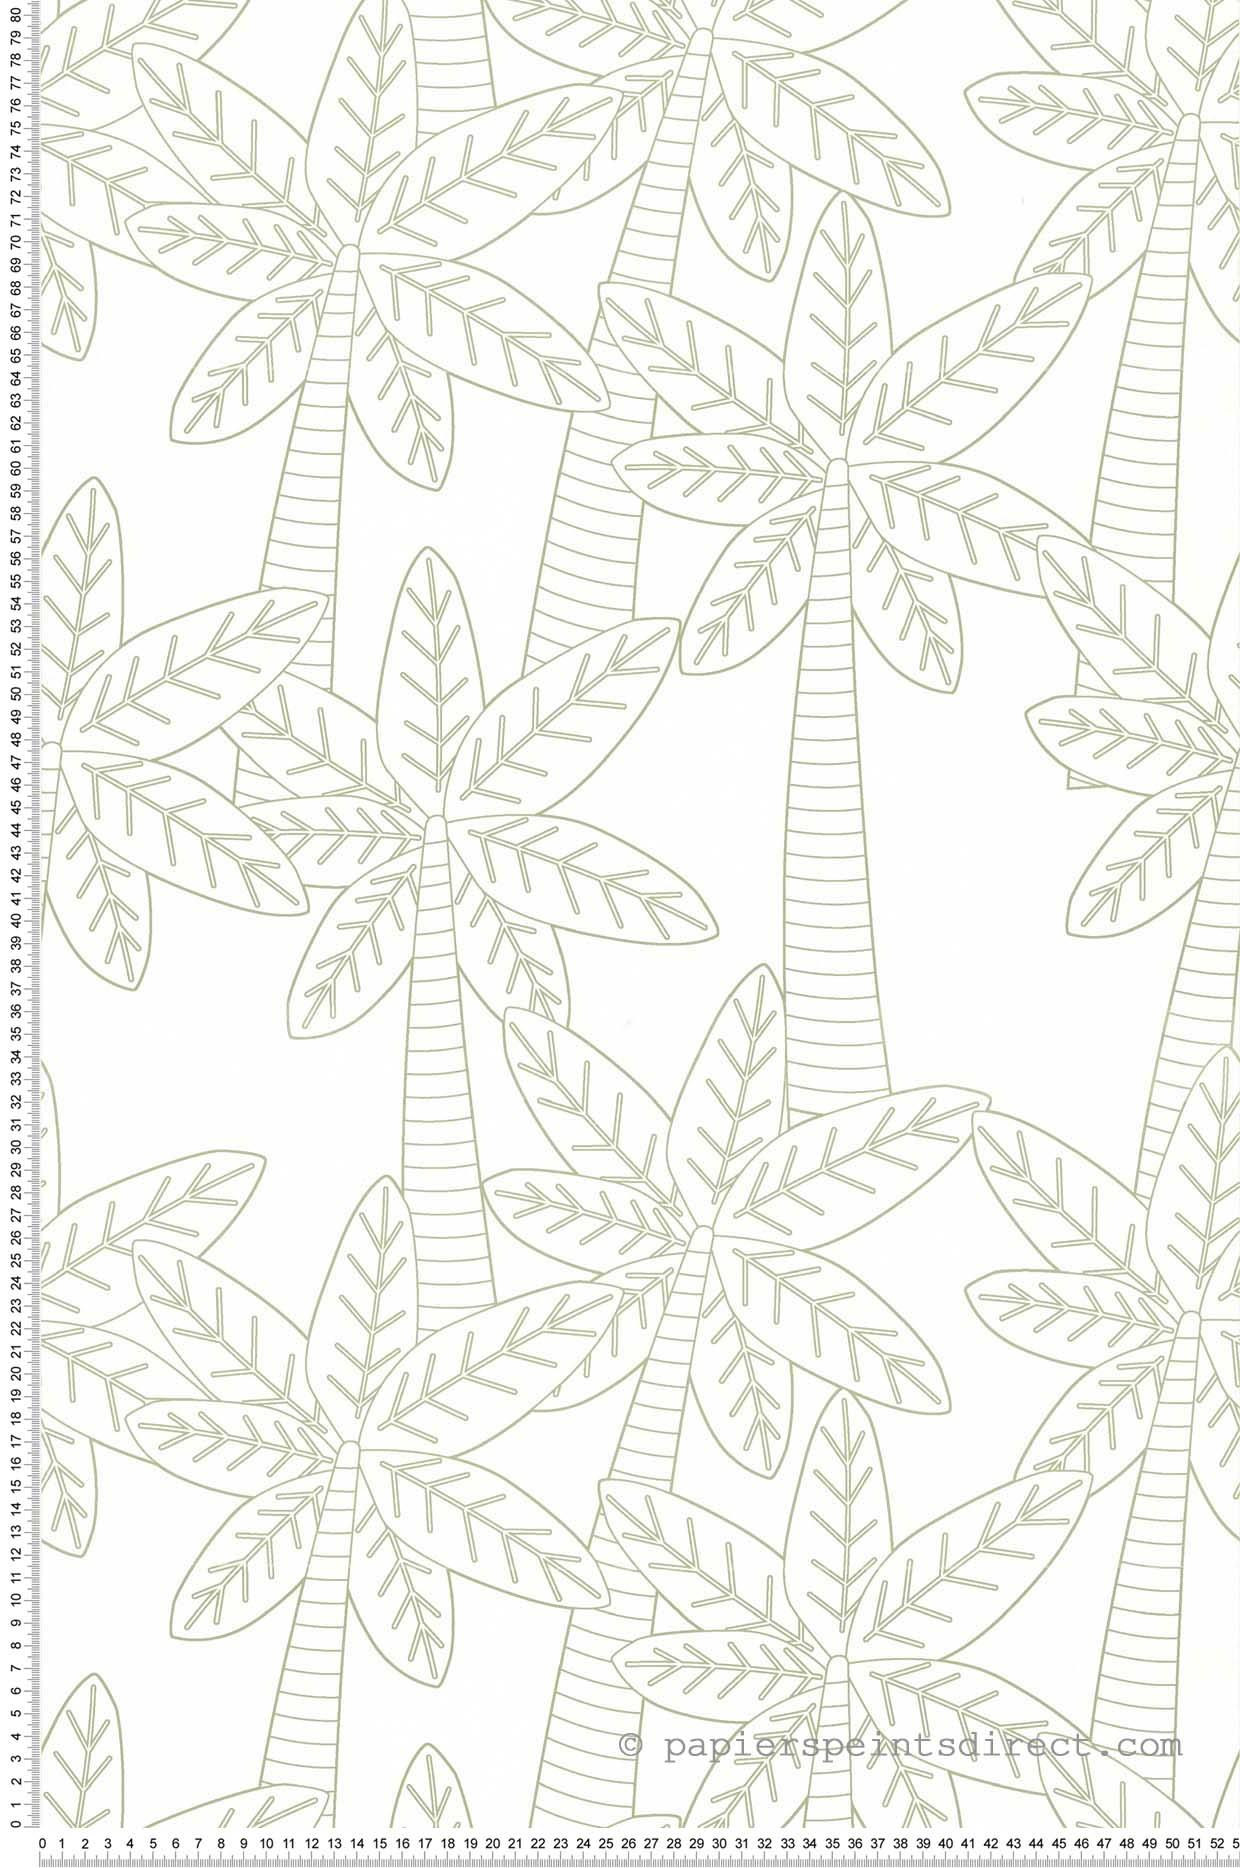 Papier Peint Palmiers kaki - Sélène & Gaïa de Lutèce    Réf. LTC-11160514